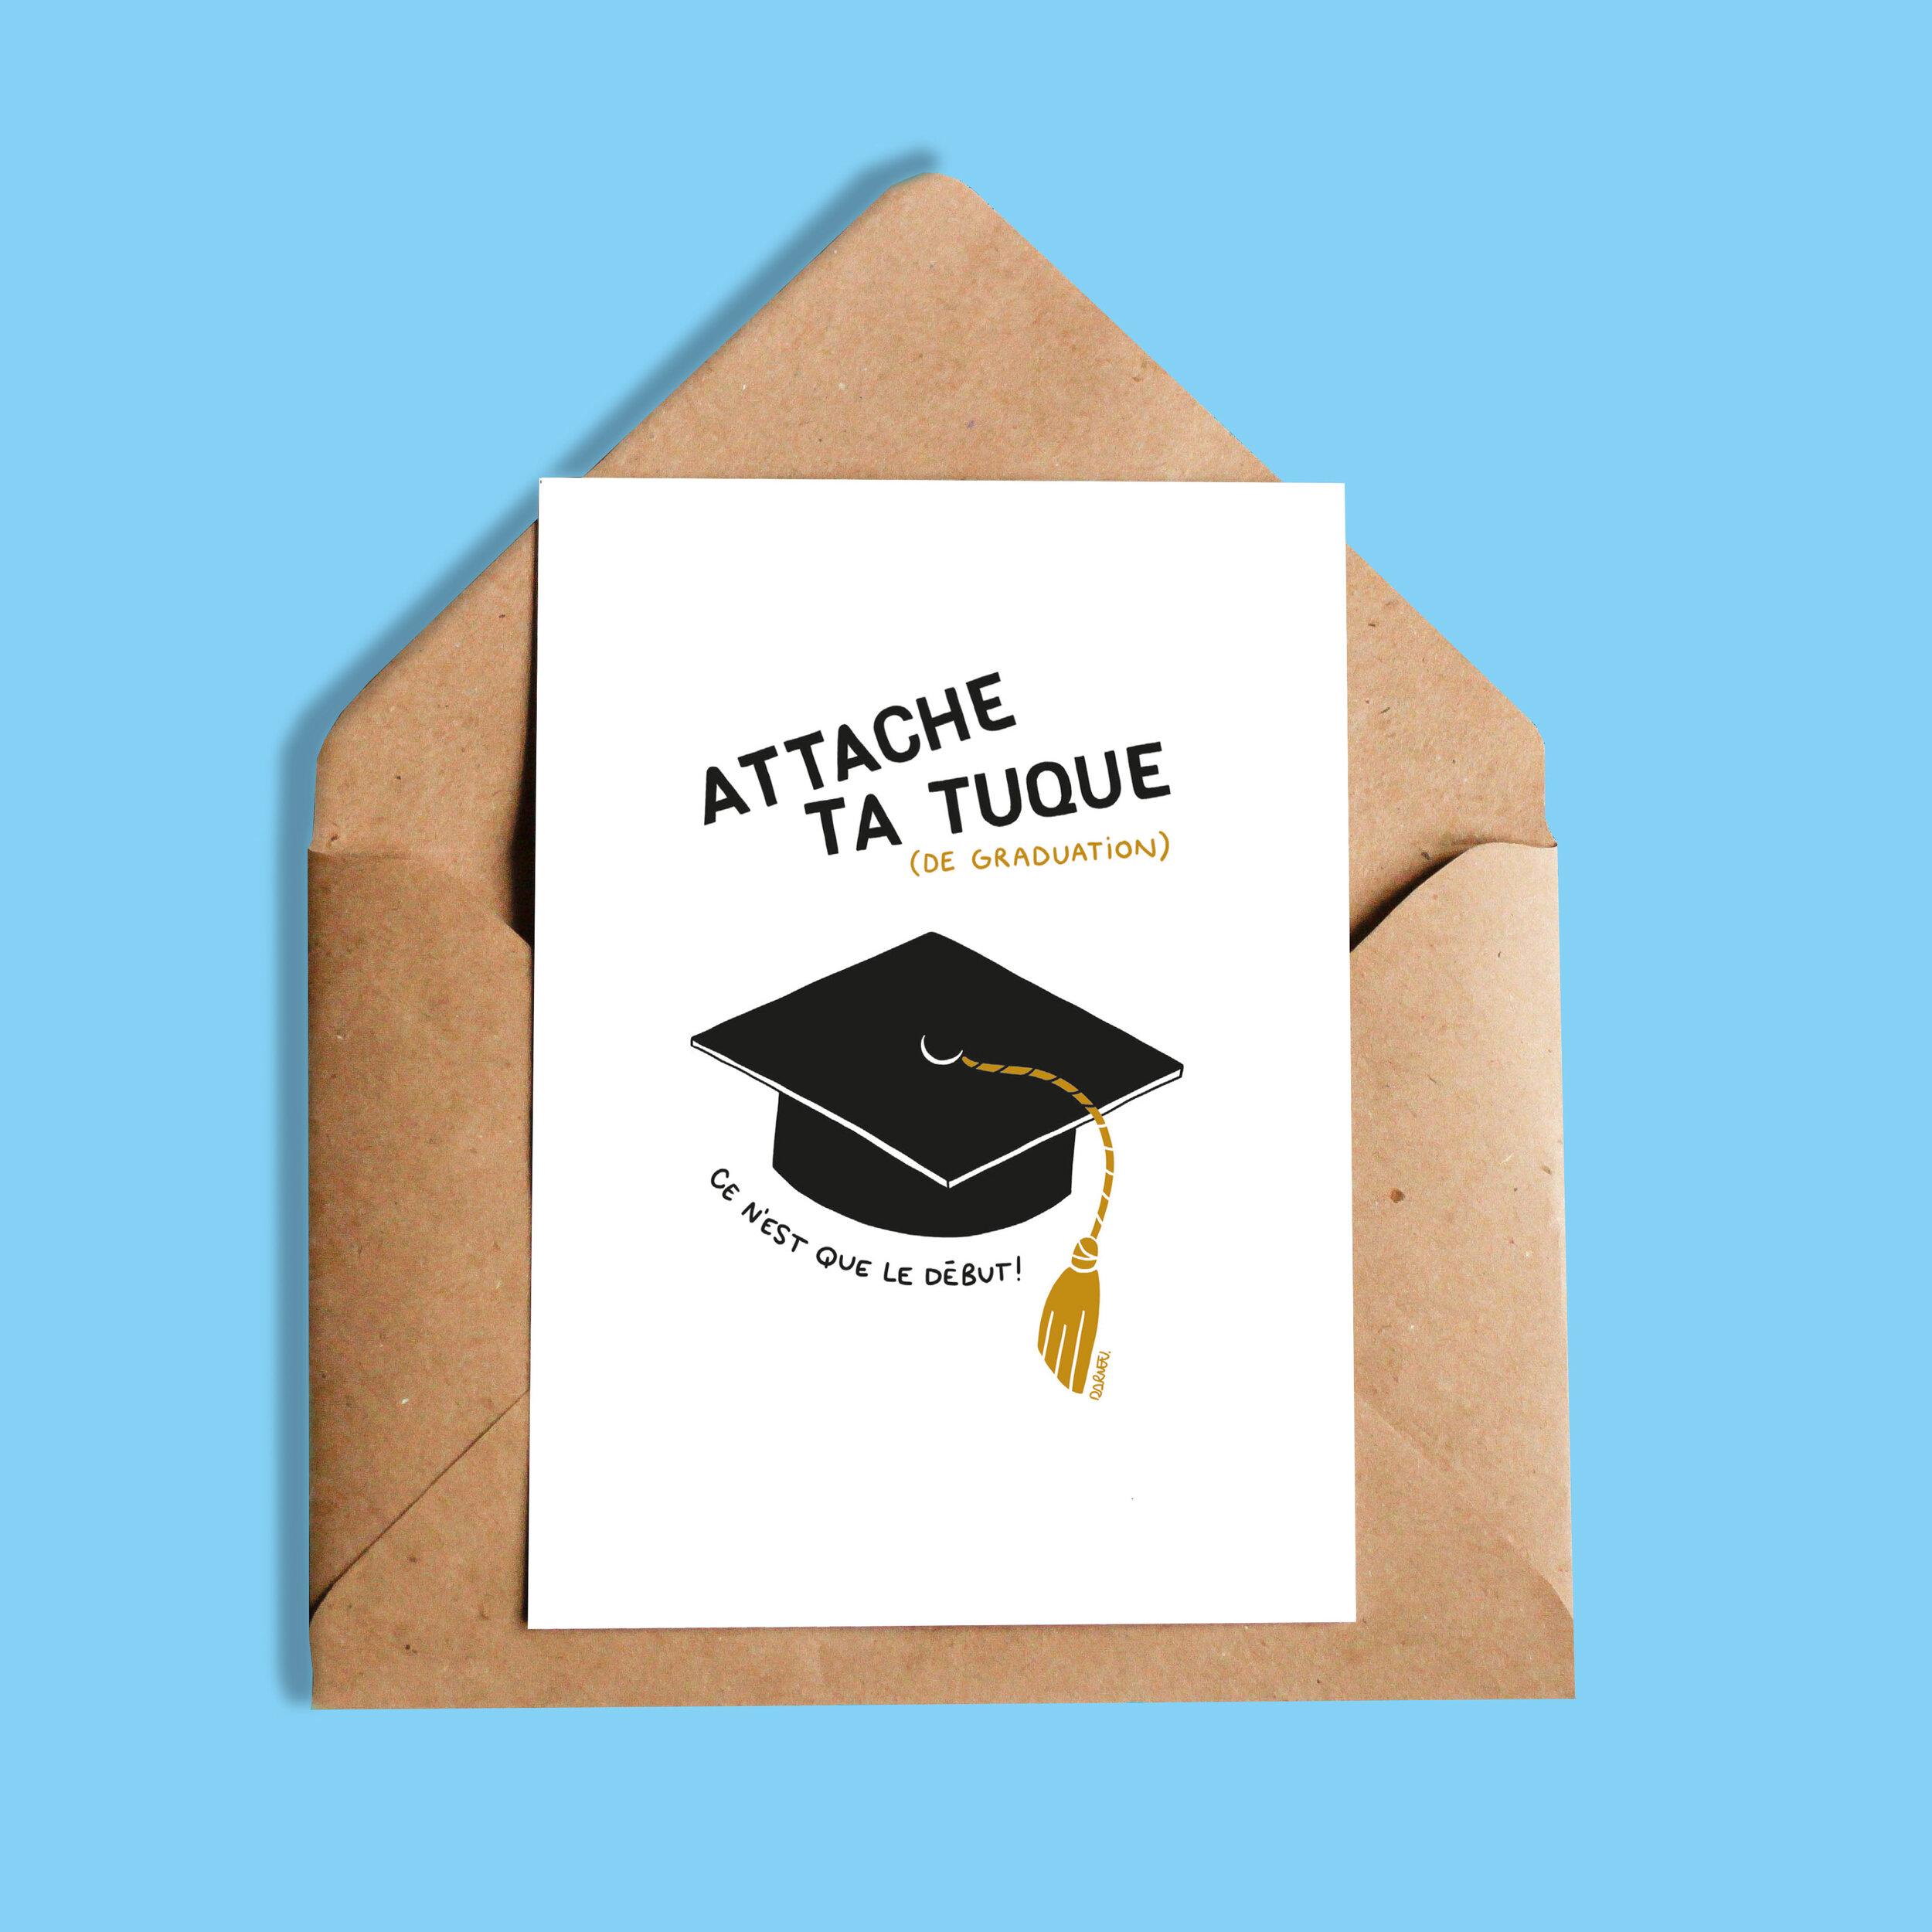 Darvee   Attache ta tuque (de graduation) ce n'est que le début!